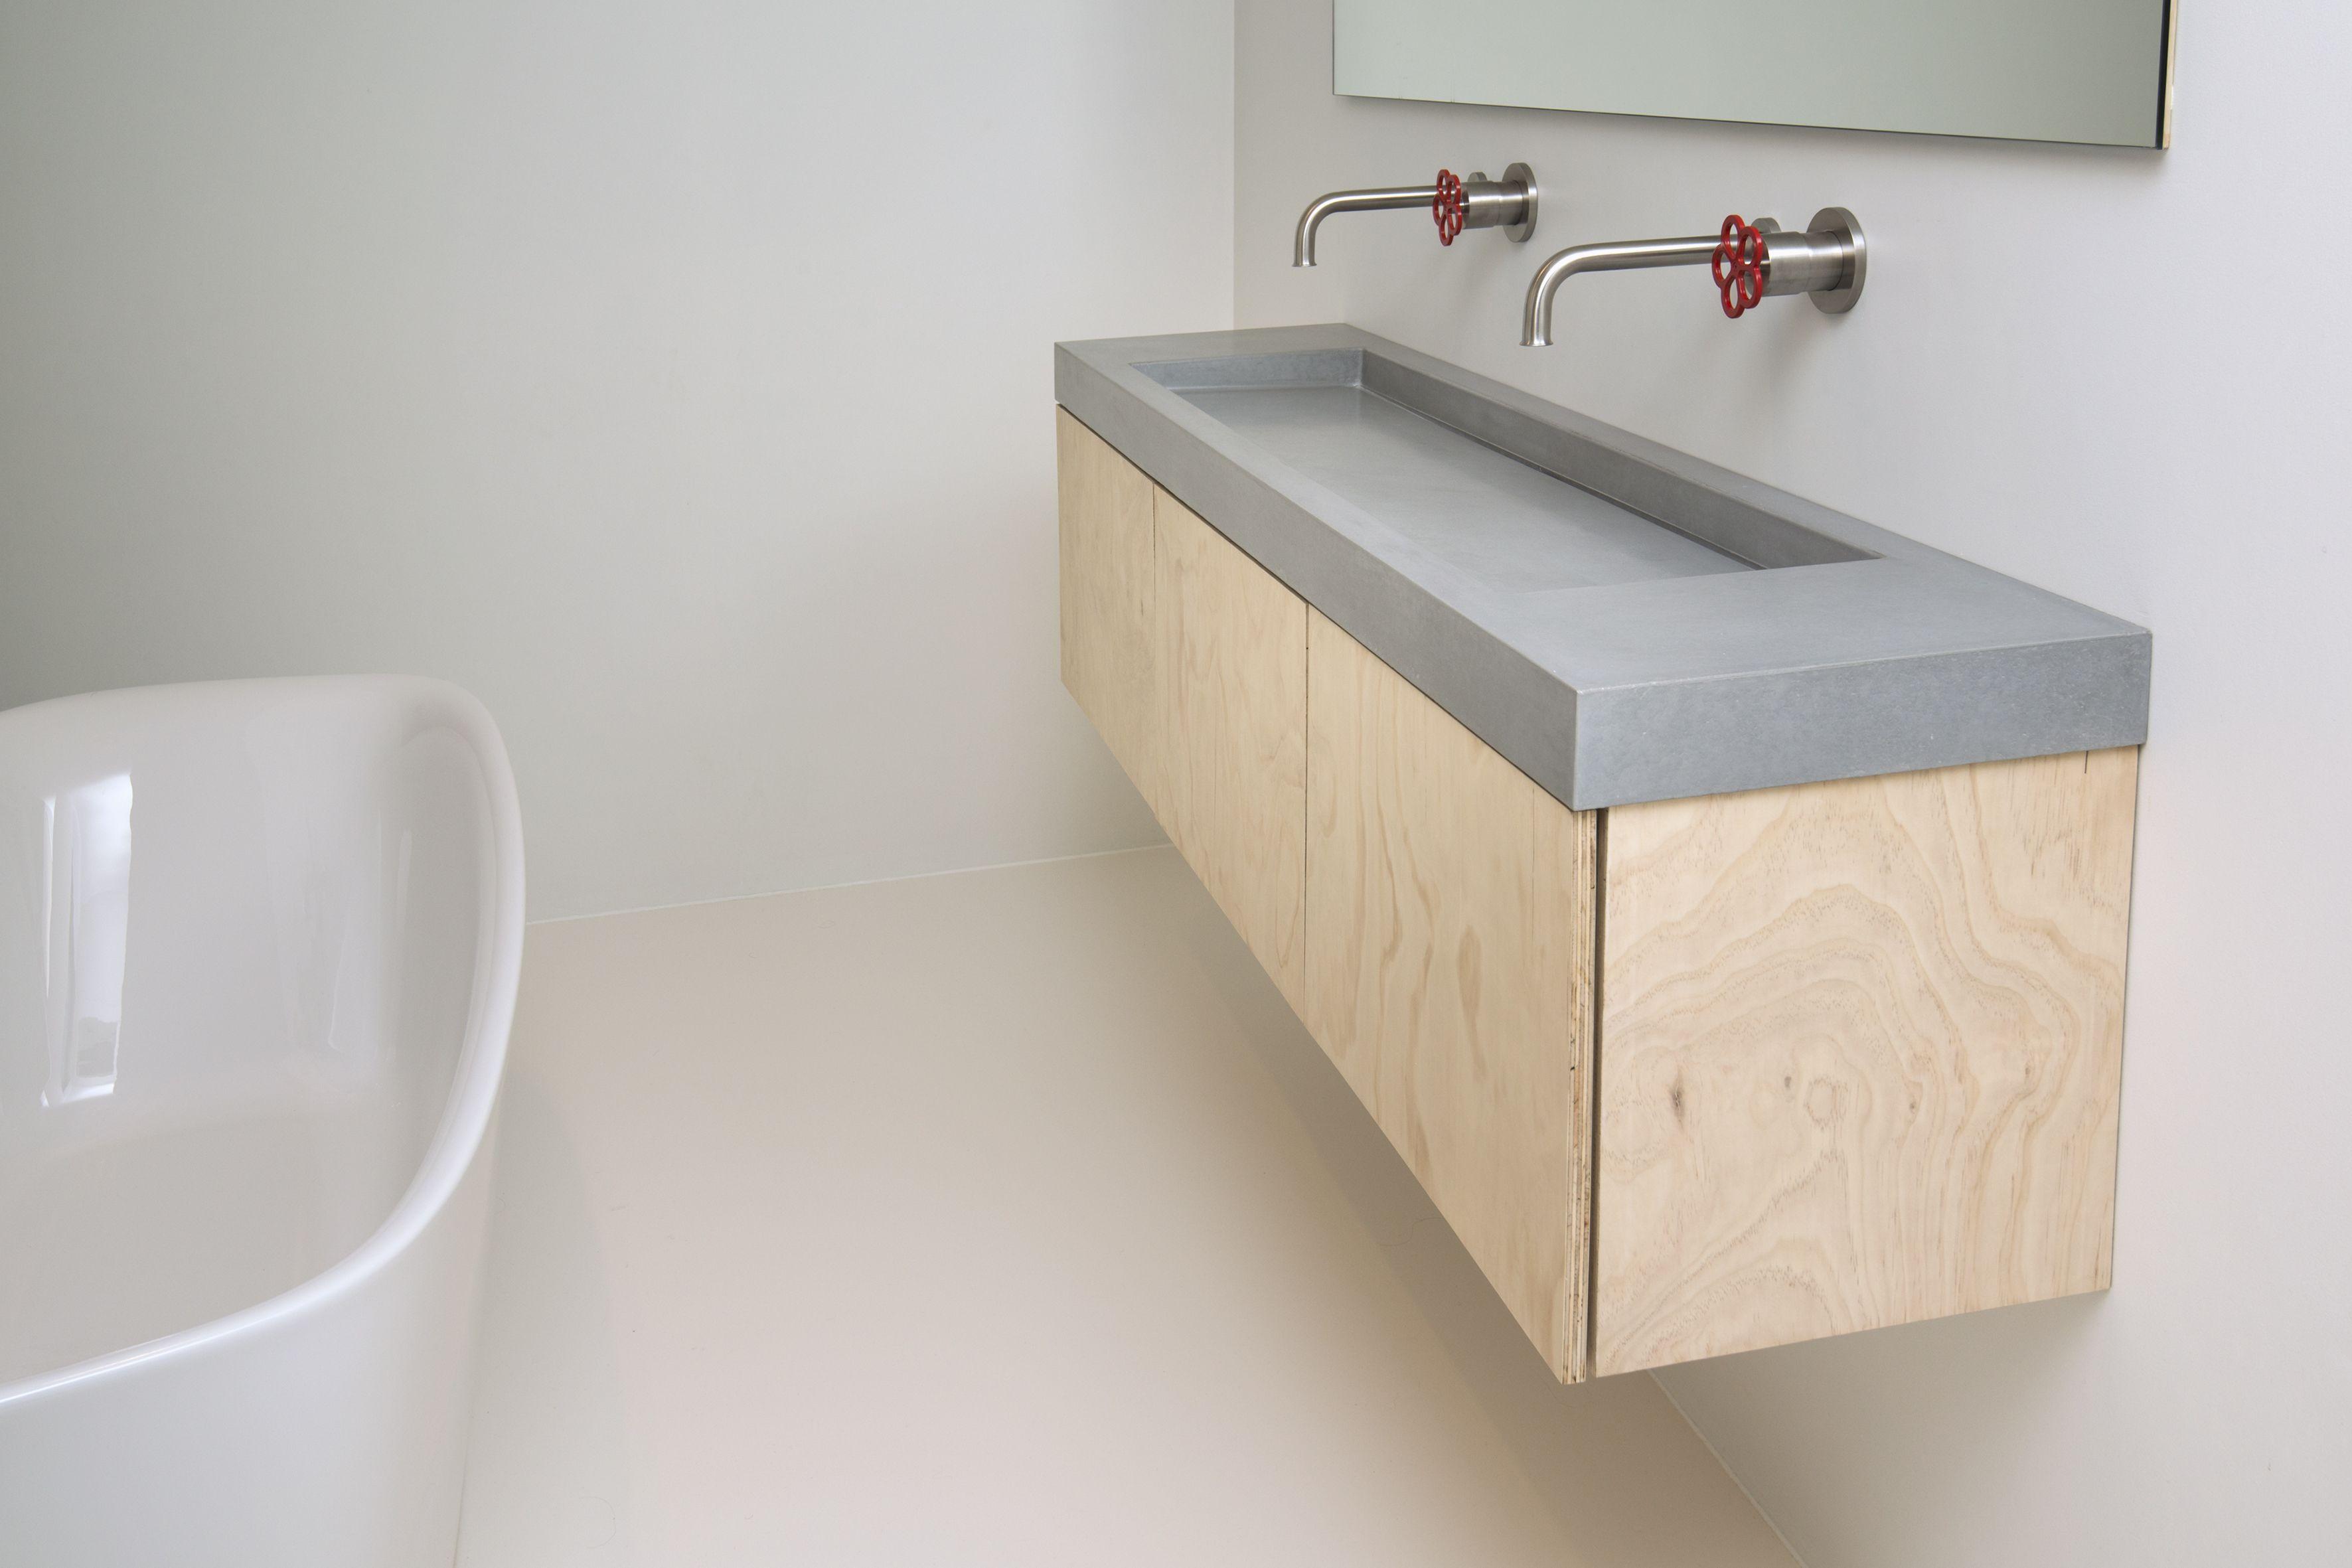 Badkamer Onderkast Hout : Badkamer betonnen wasbak met houten onderkast bathing places